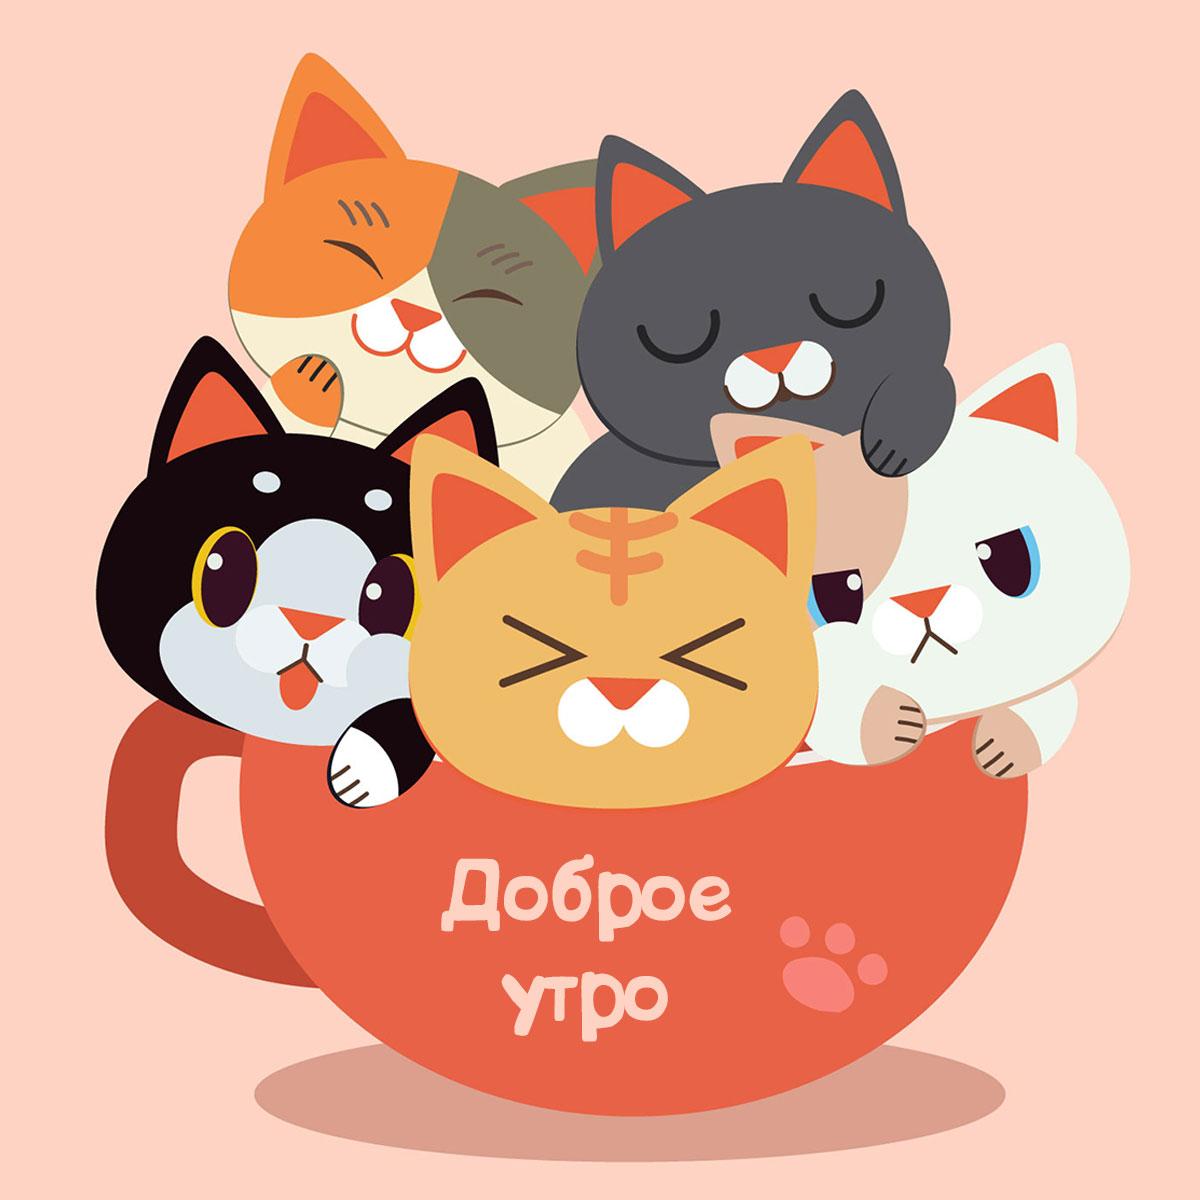 Котики в оранжевой чайной чашке с надписью доброе утро.